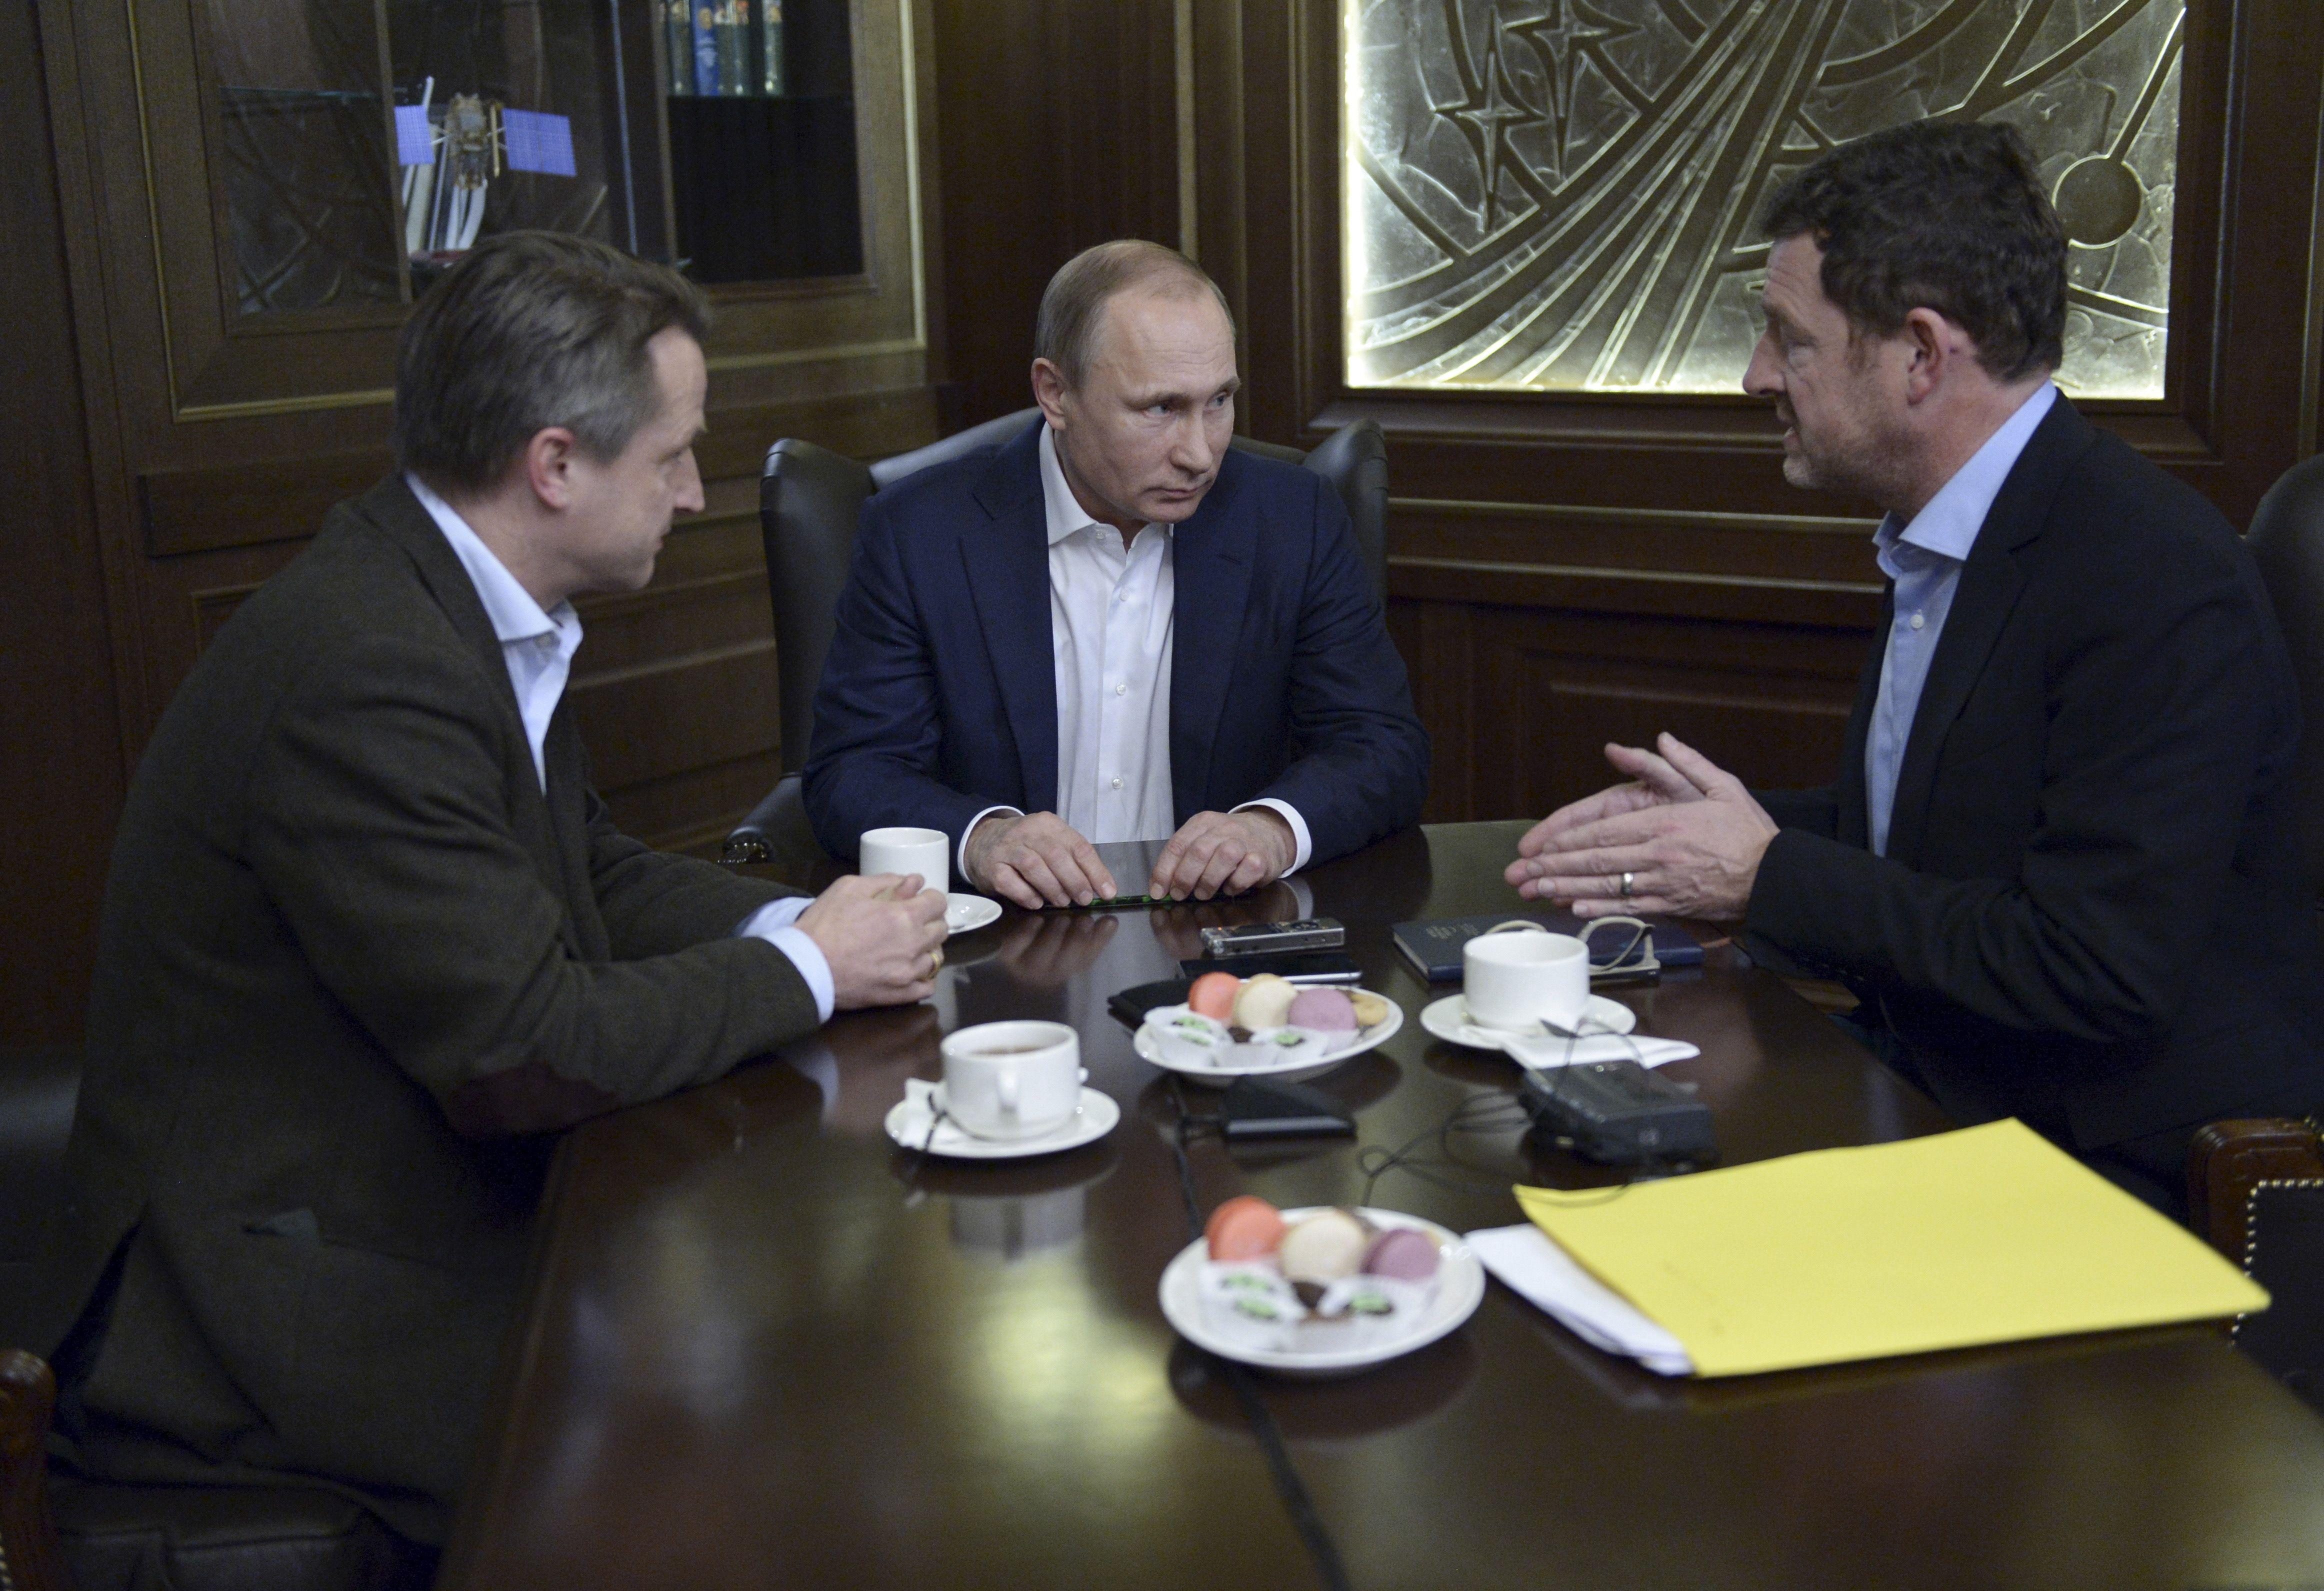 Vladimir Poutine a accordé une interview fleuve dans le magazine allemand Bild.